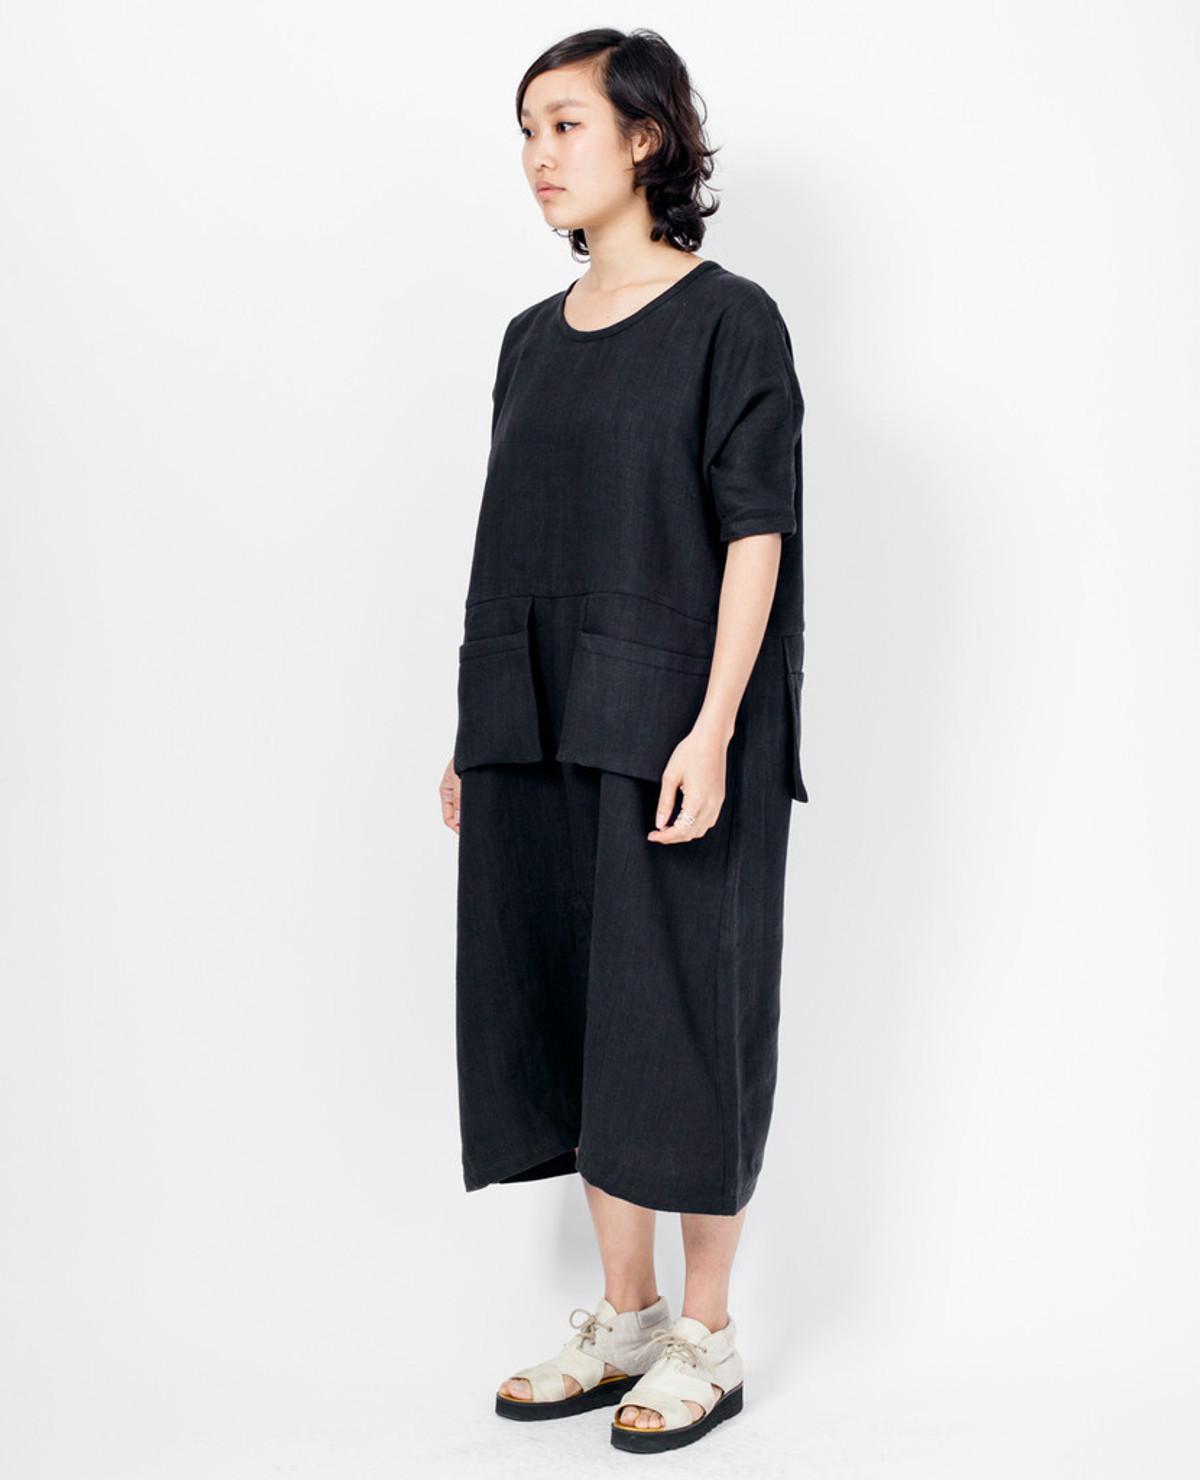 Grock Jumpsuit - Black Linen